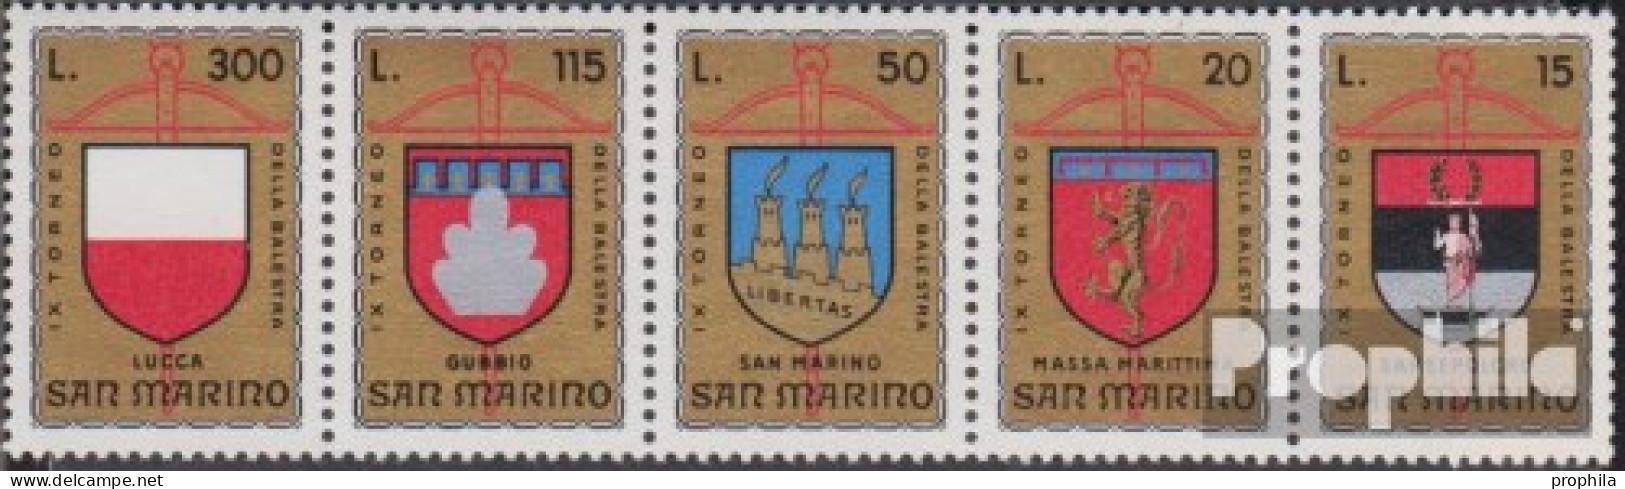 San Marino 1070-1074 Fünferstreifen (kompl.Ausg.) Postfrisch 1974 Armbrustturnier - San Marino